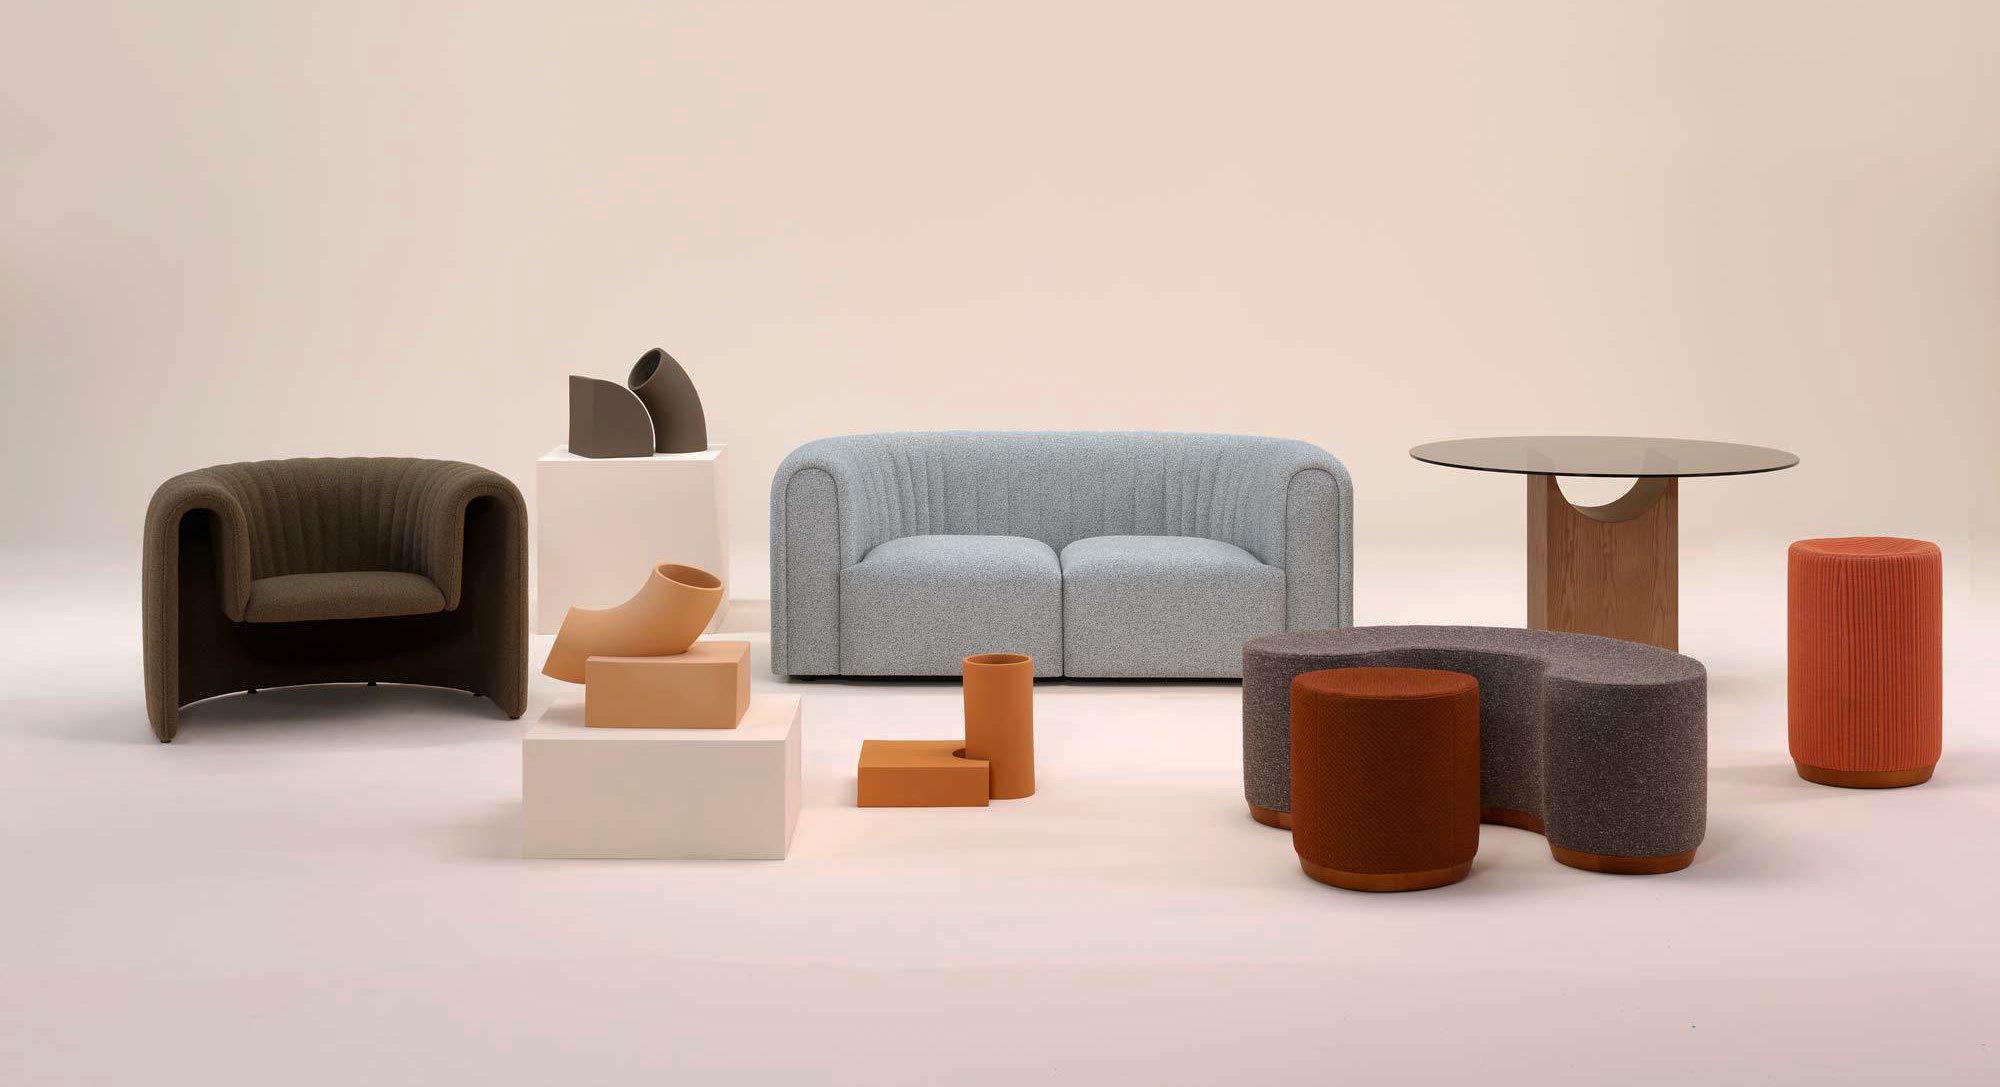 Die Kollektion Void Matters  besteht aus zwei Sitzmöbeln, einer Serie von Poufs und einem skulptural anmutenden Tisch.